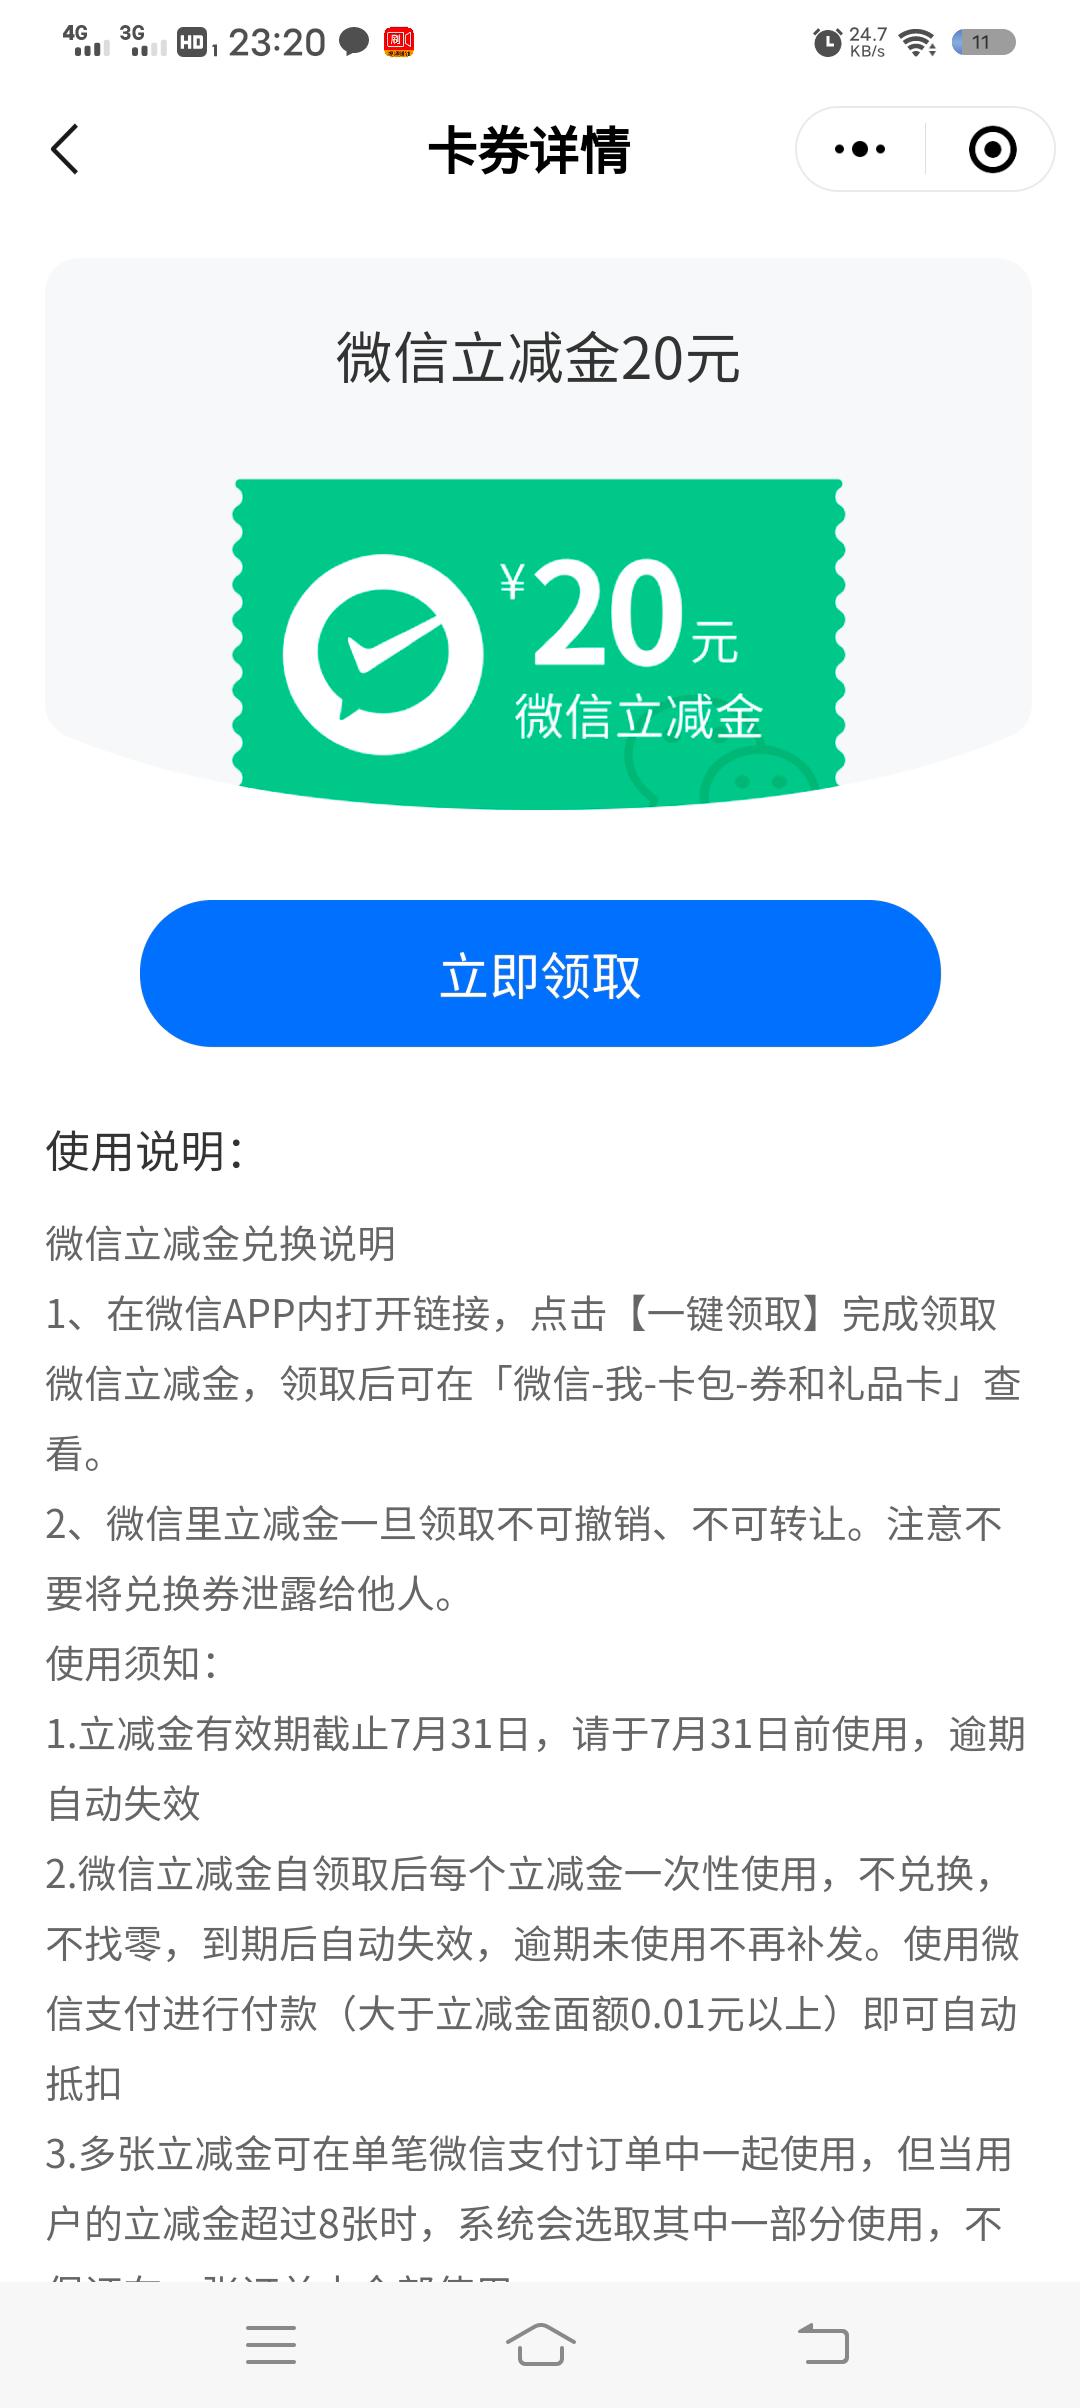 【现金红包】众邦银行,白嫖20元微信立减金.